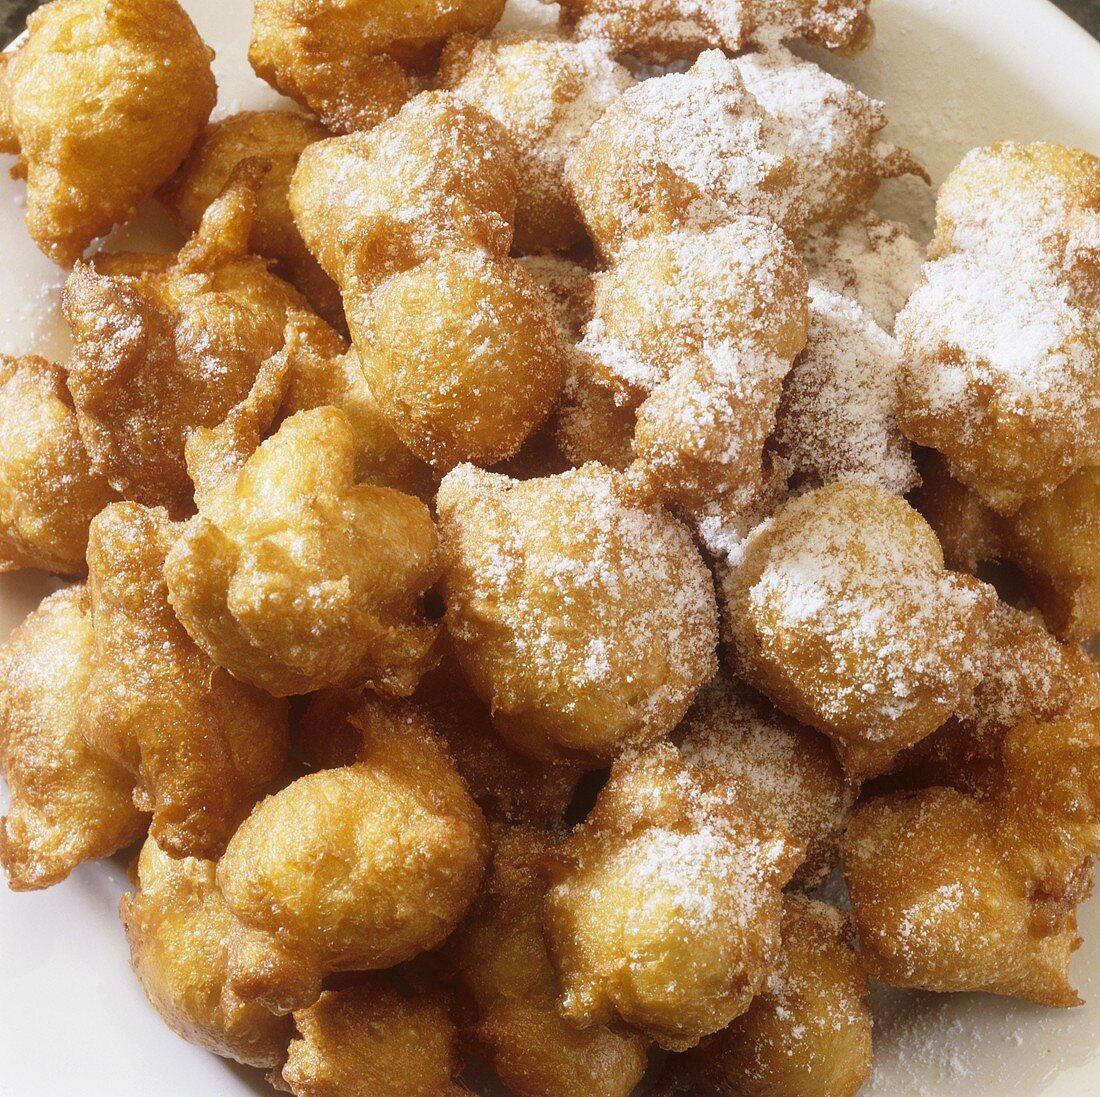 Nonnenfürzchen (Choux pastry balls, also called Förtchen)